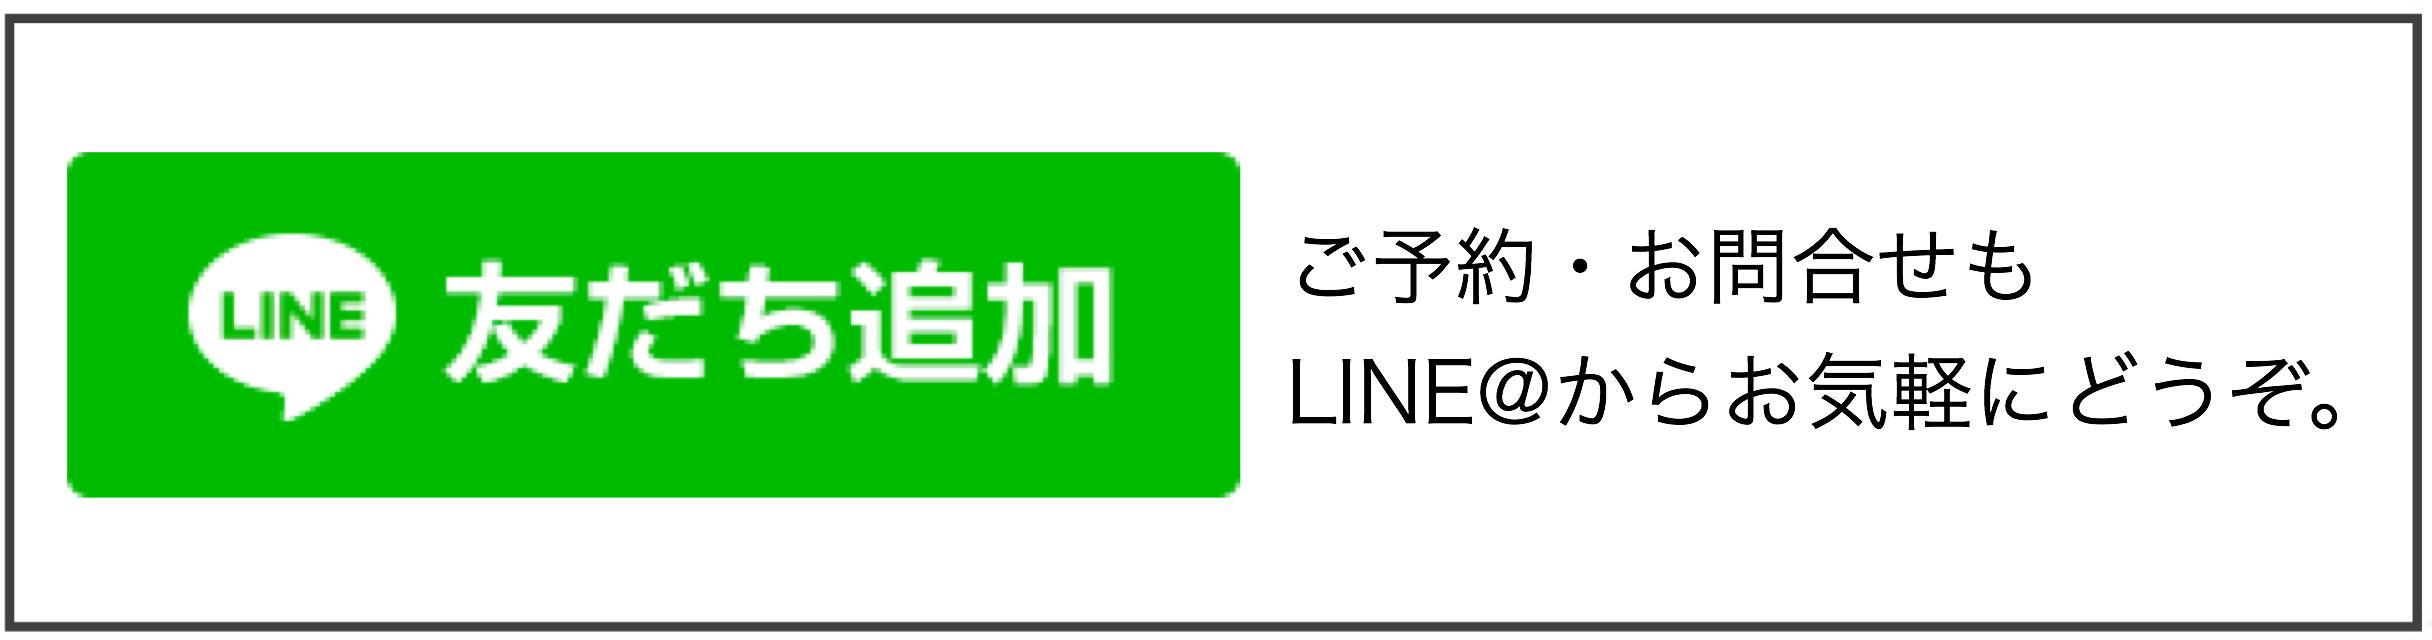 名古屋グルーデコ教室prunelle(プリュネル)のLINE@